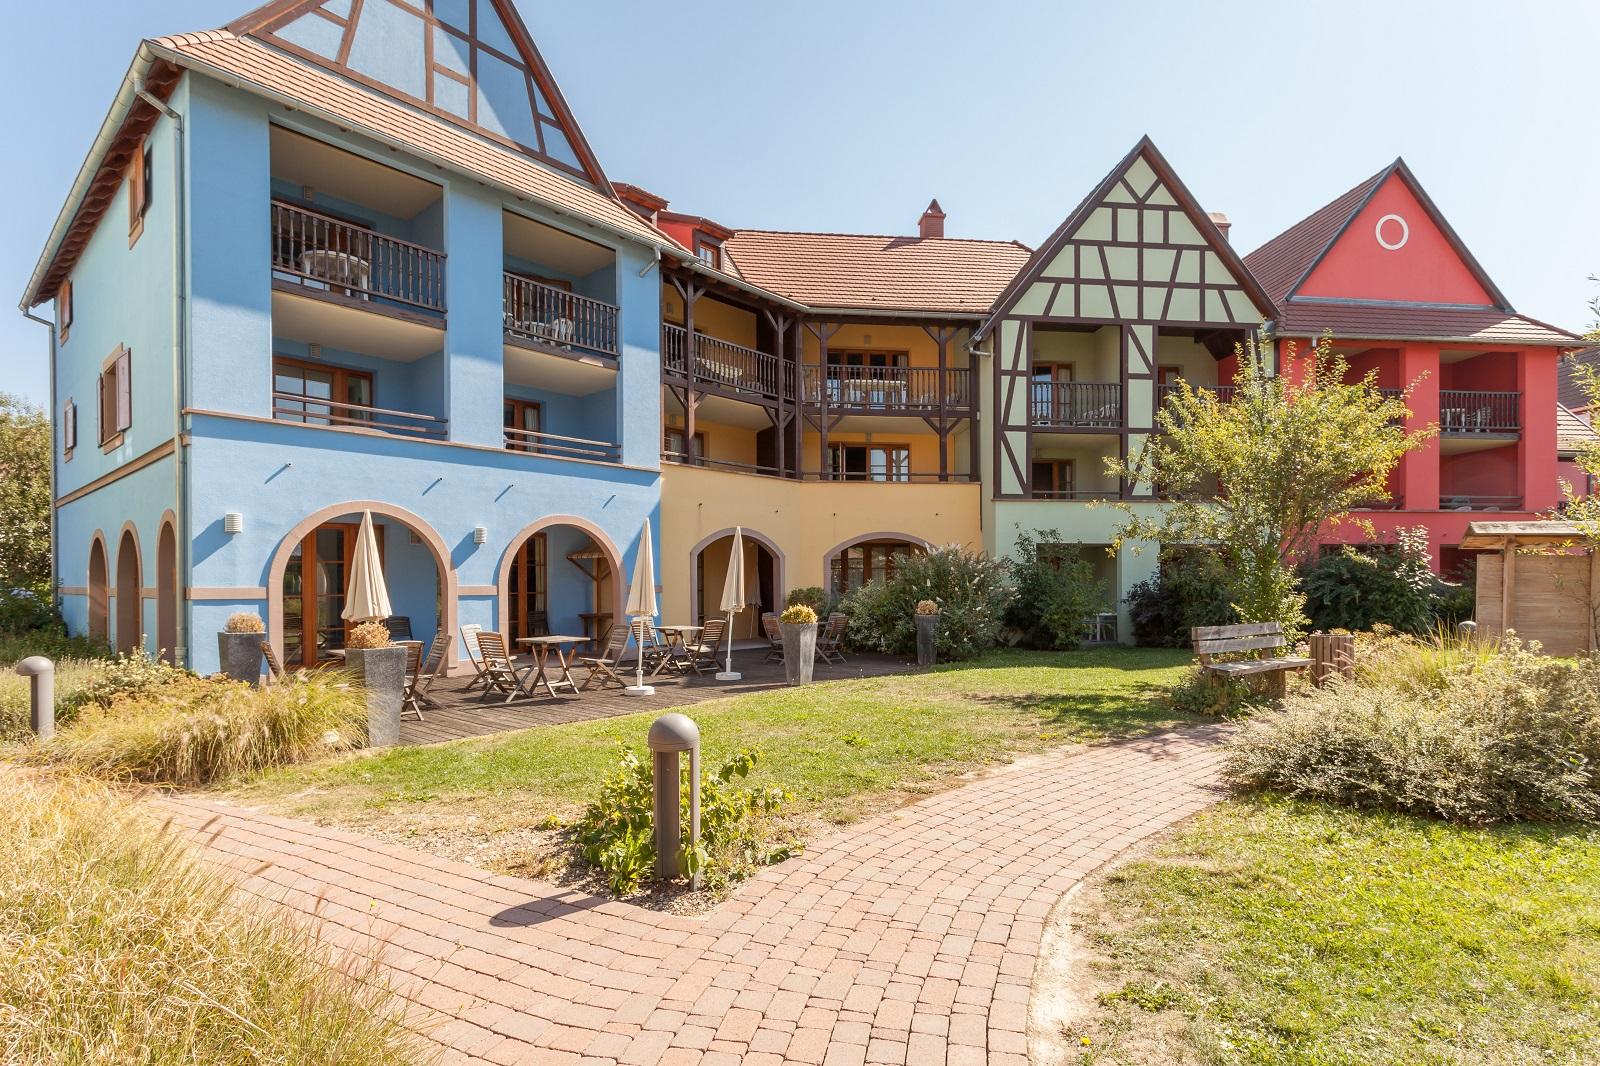 Le clos d 39 eguisheim r sidence pierre et vacances eguisheim - Residence les jardins d alsace strasbourg ...